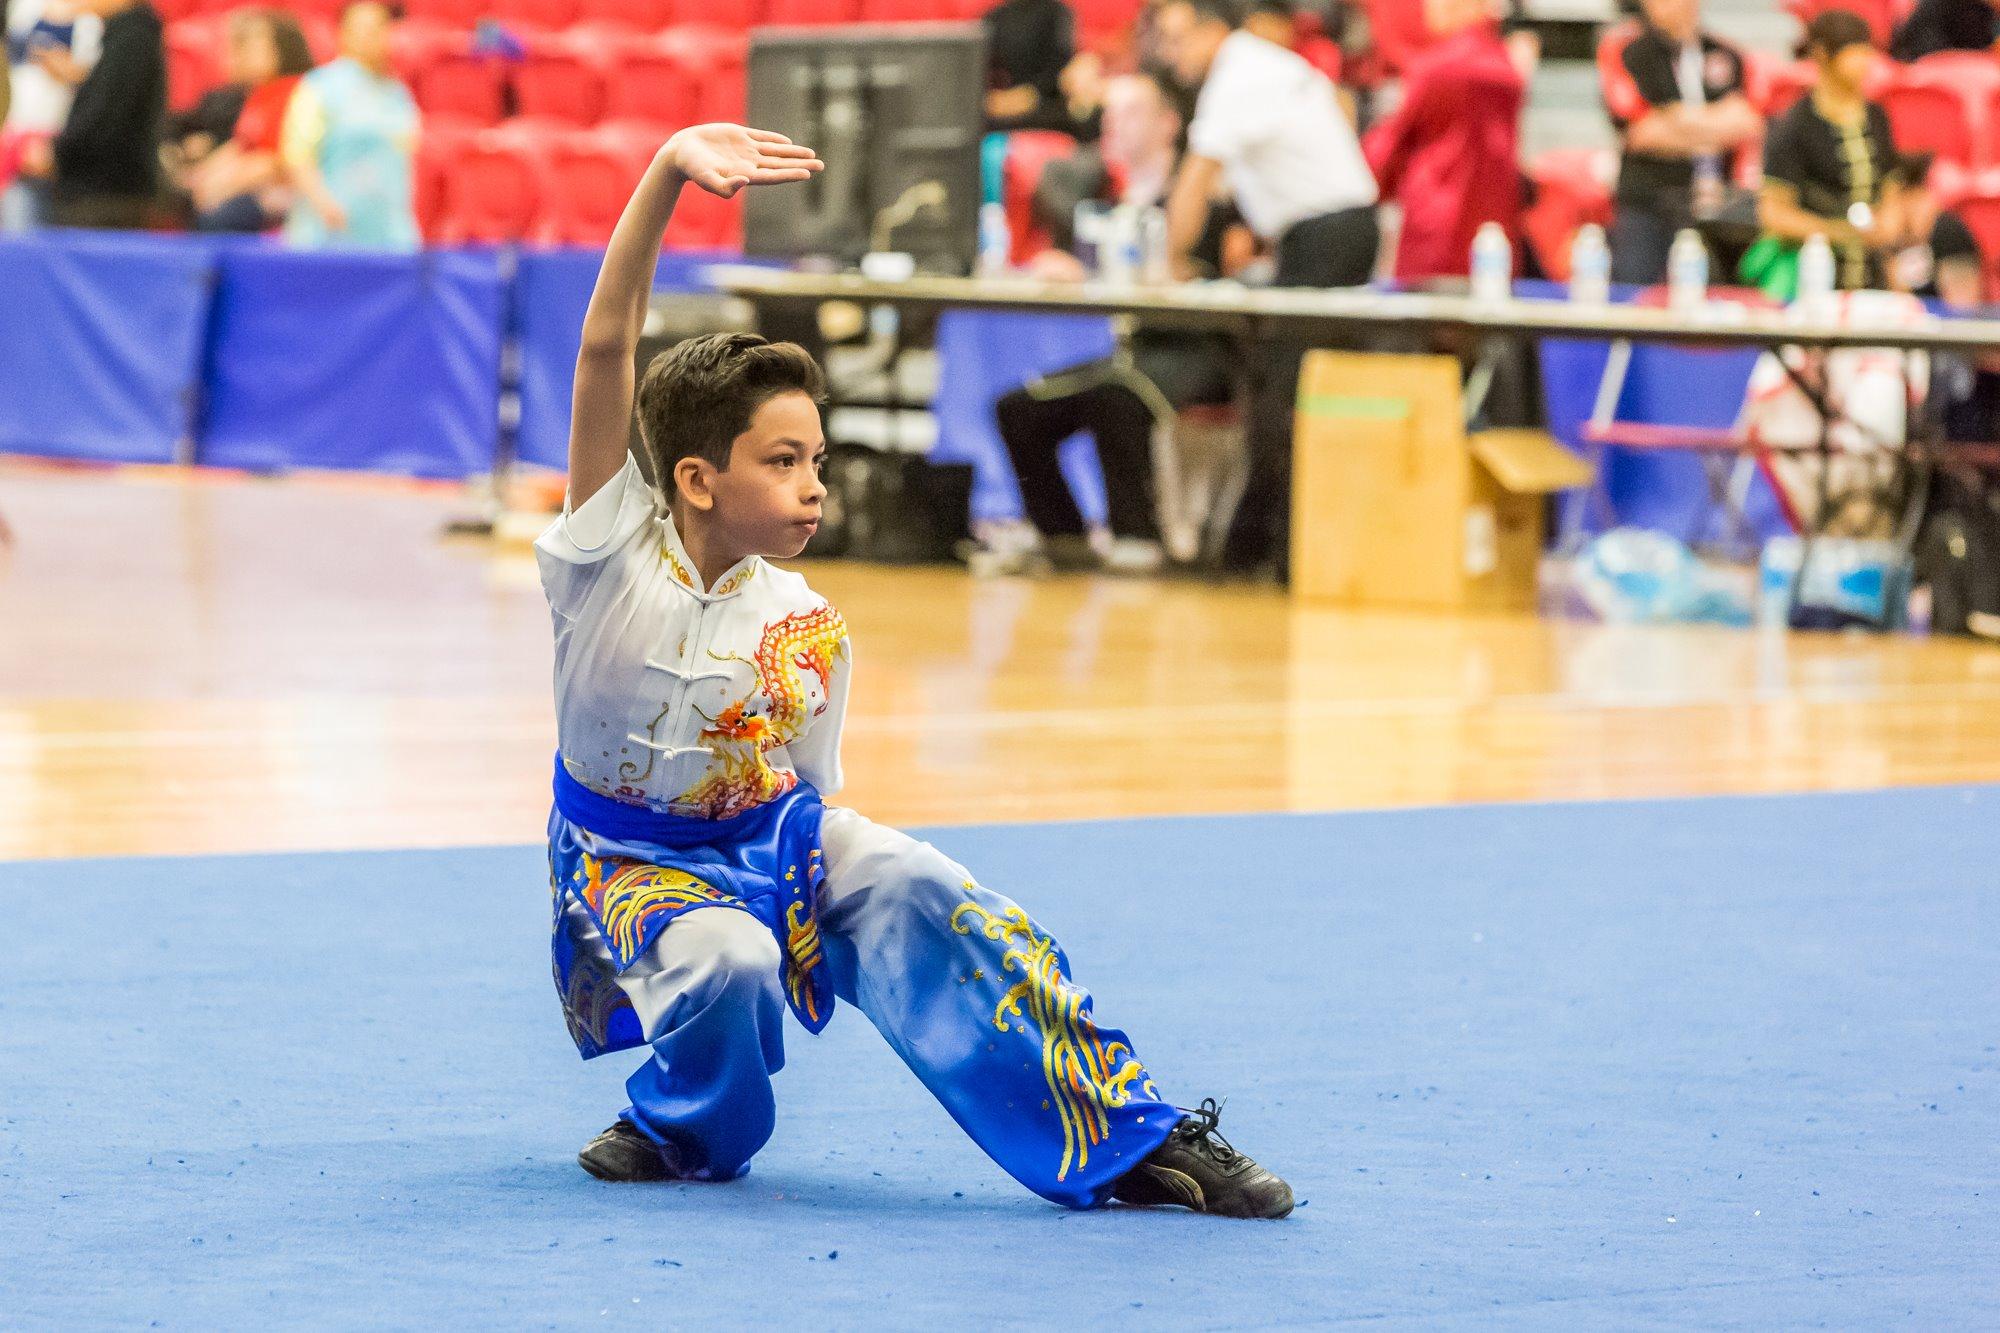 wayland-li-wushu-toronto-markham-canadian-wushu-championships-2017-changquan-31.jpg